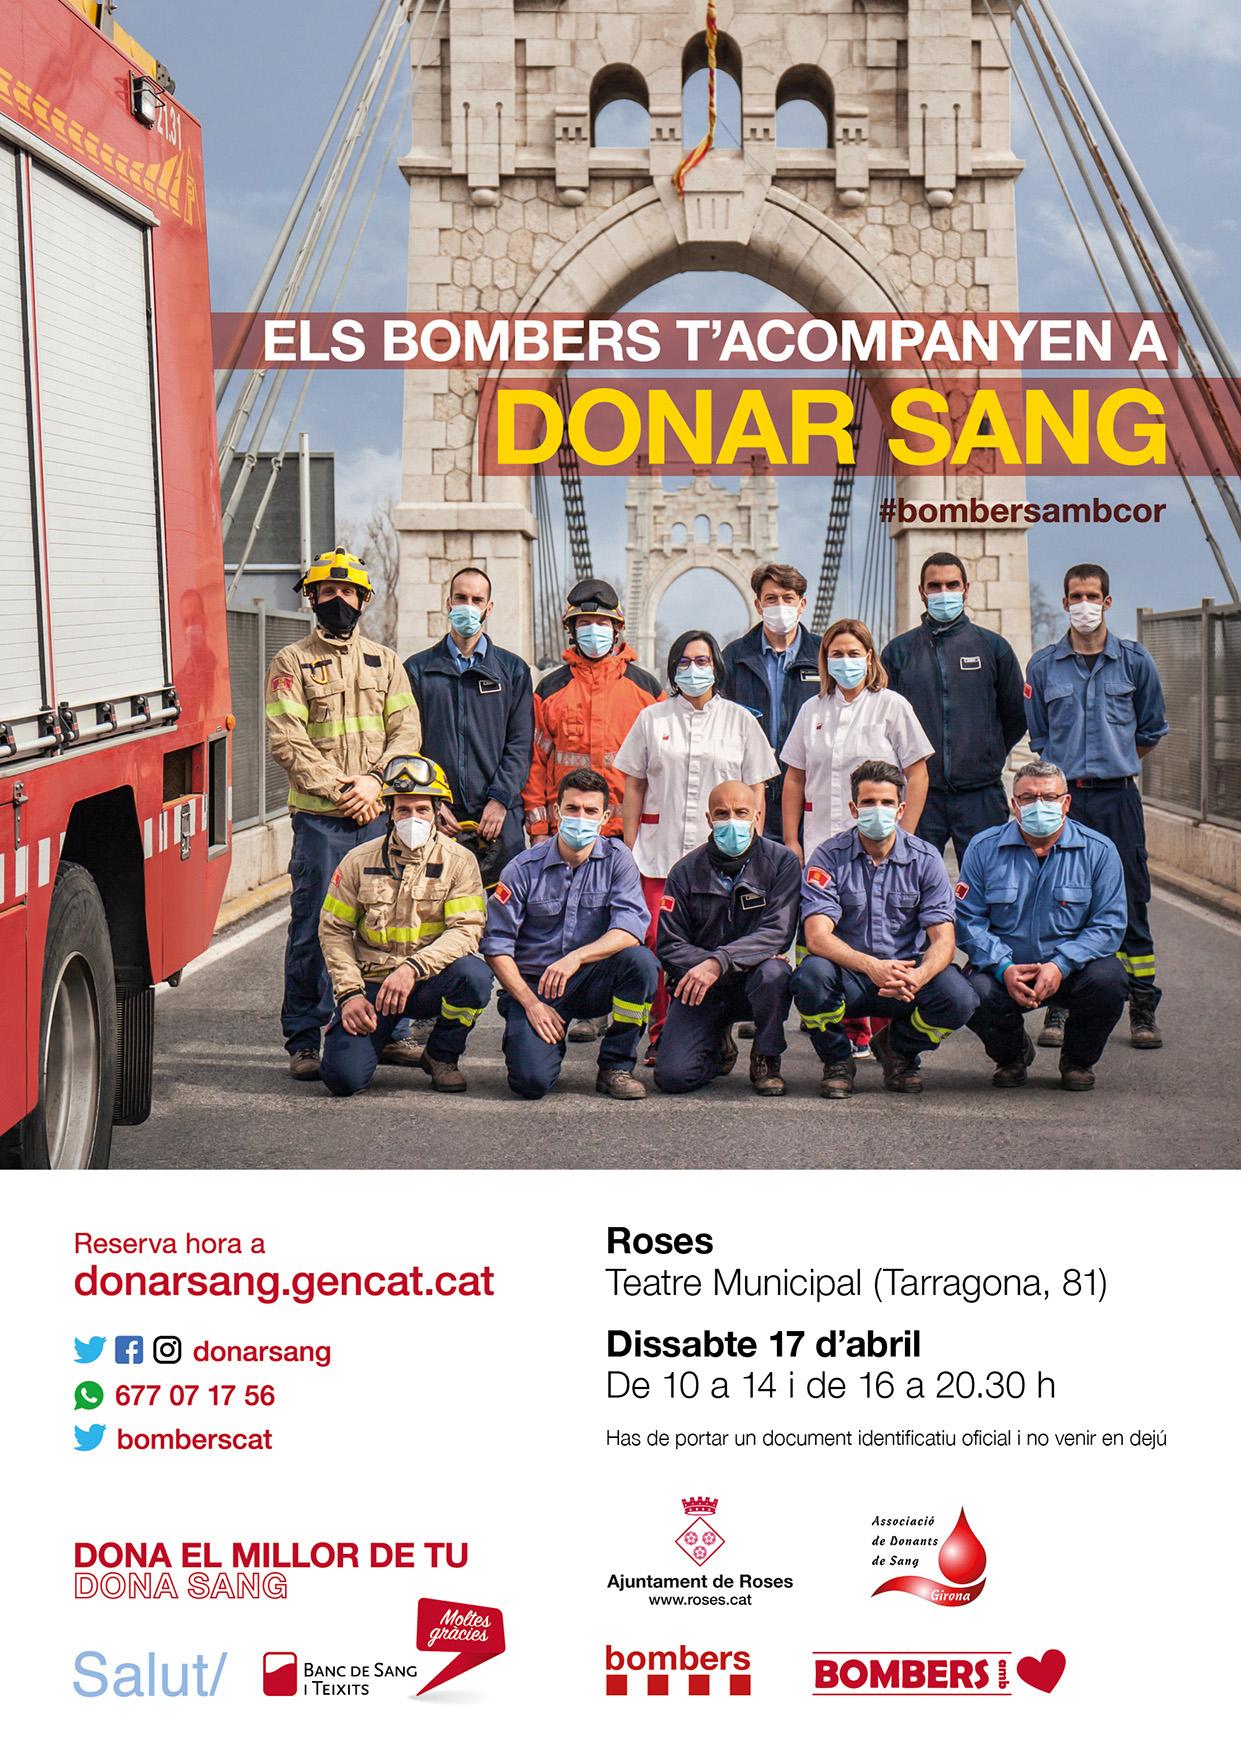 Els bombers t'acompanyen a donar sang